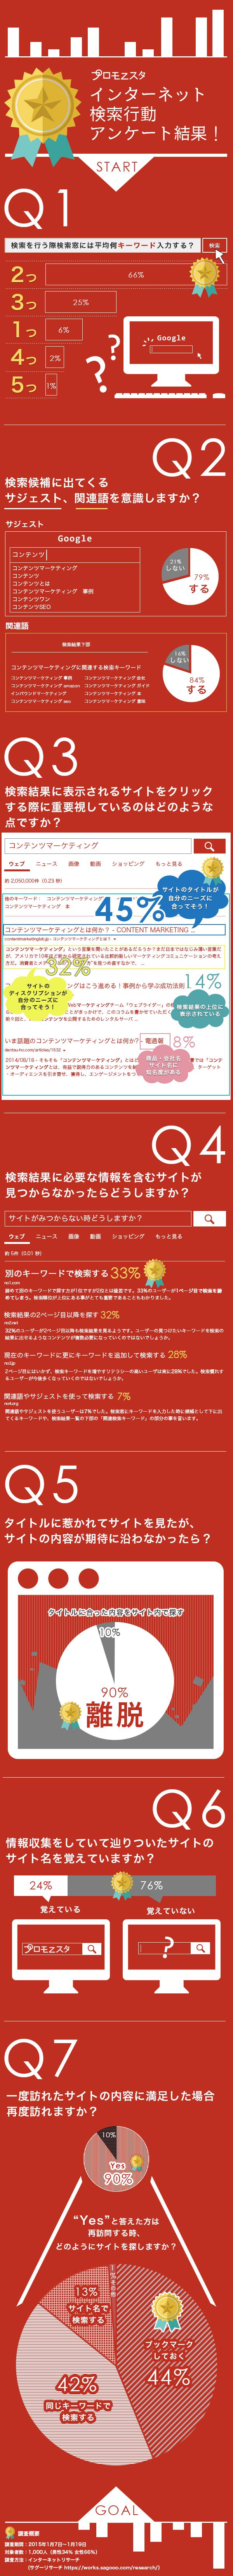 インフォグラフィック:ネット検索の7つの真実。SEO対策はTitleとDescription設定